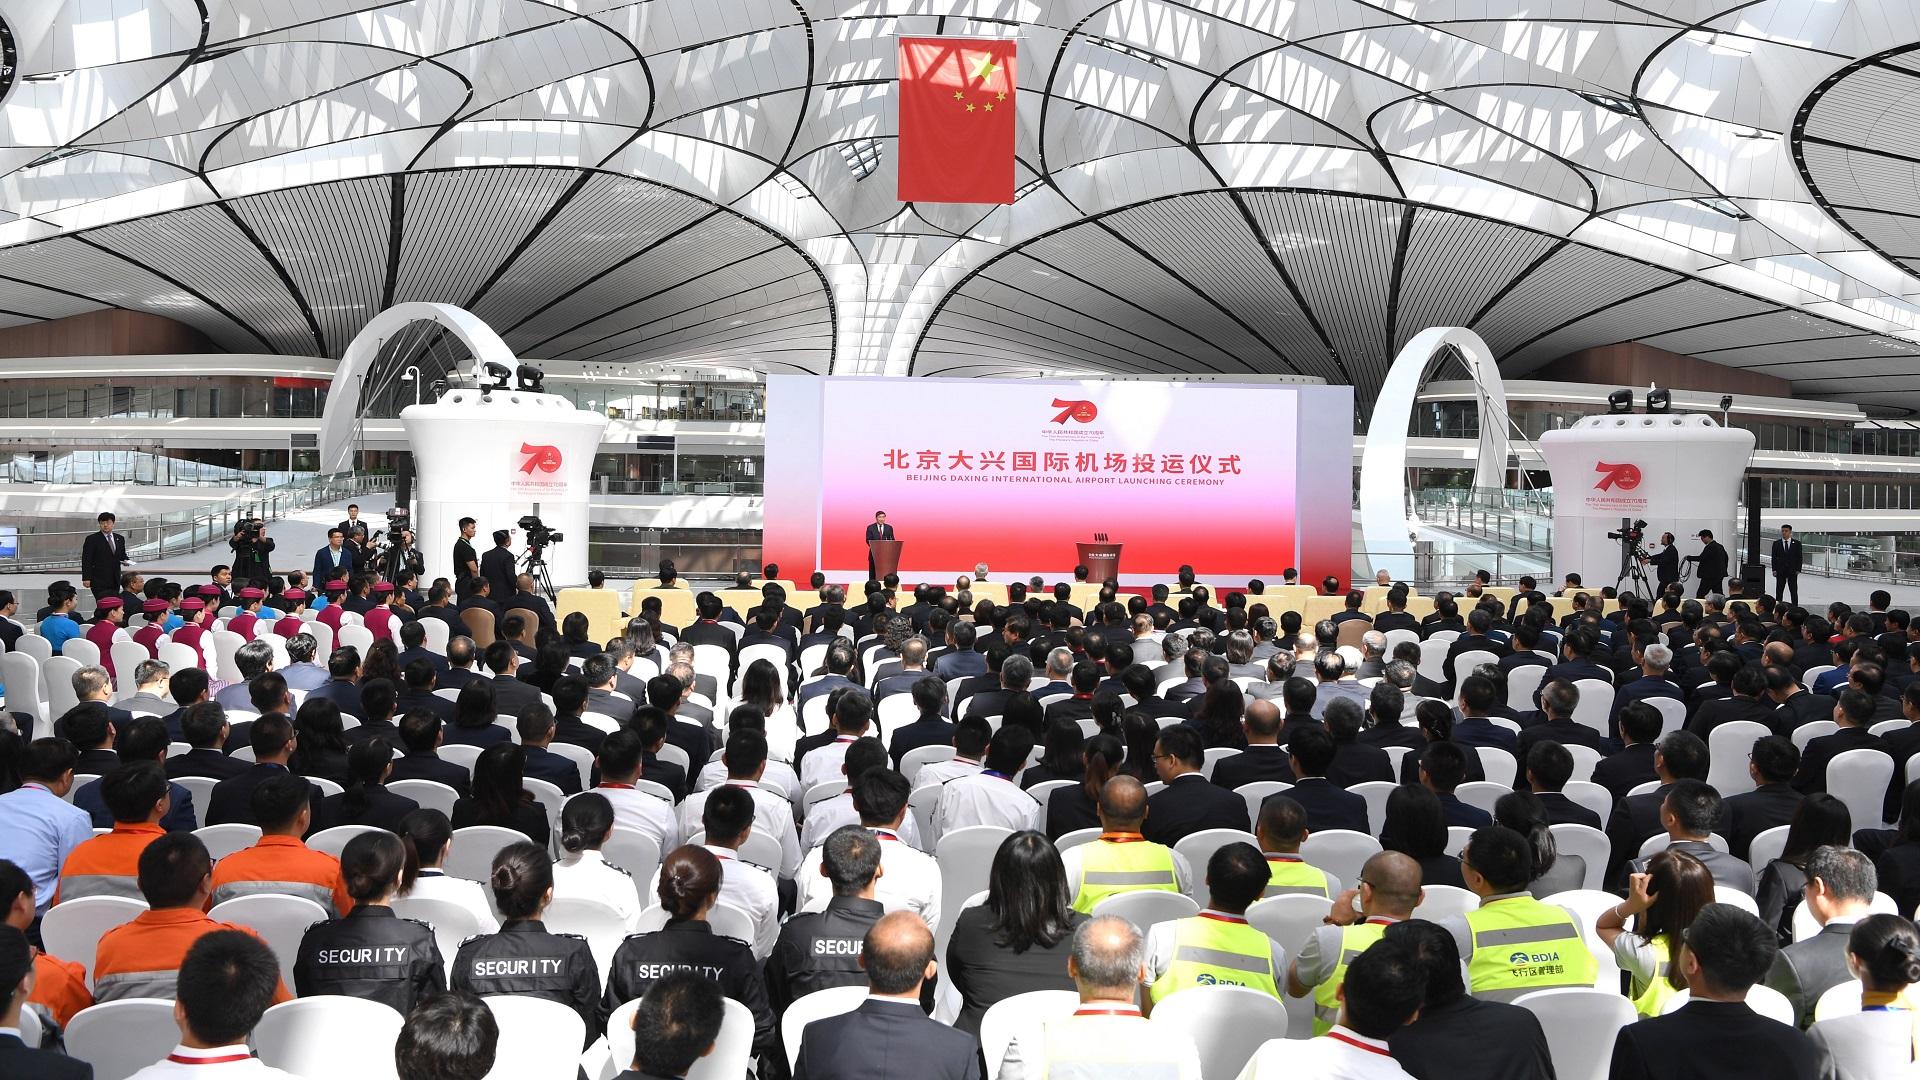 Inauguración del nuevo mega aeropuerto de China